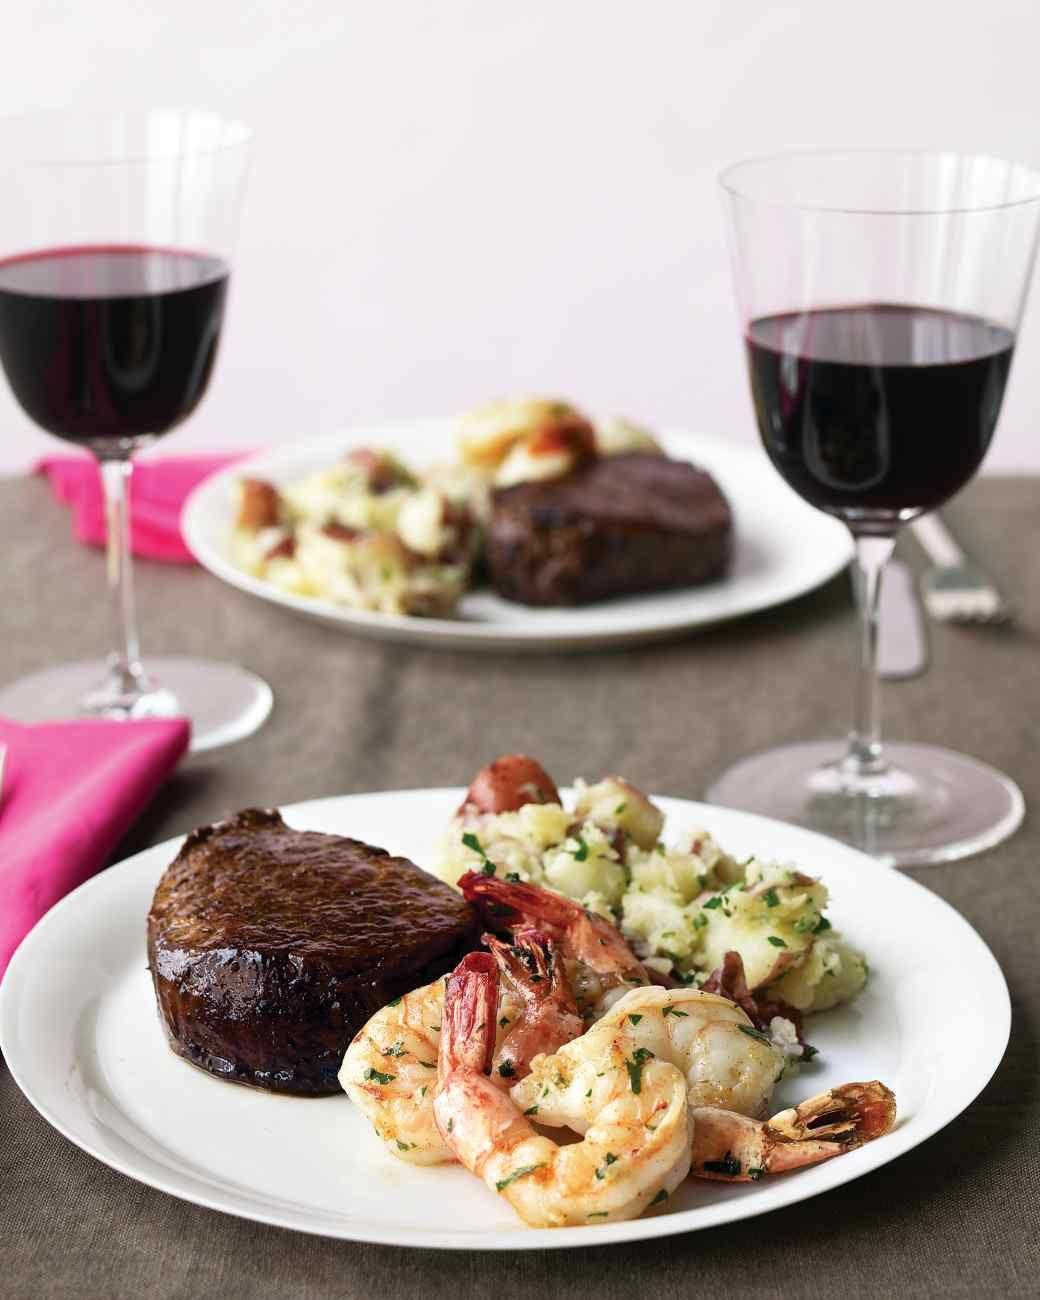 Easy steak and shrimp dinner recipes